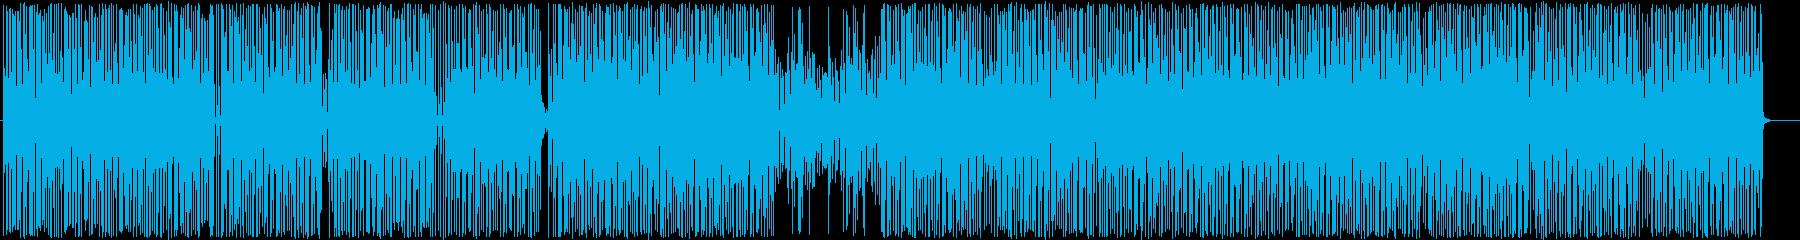 楽しいエレクトロダンスポップの再生済みの波形